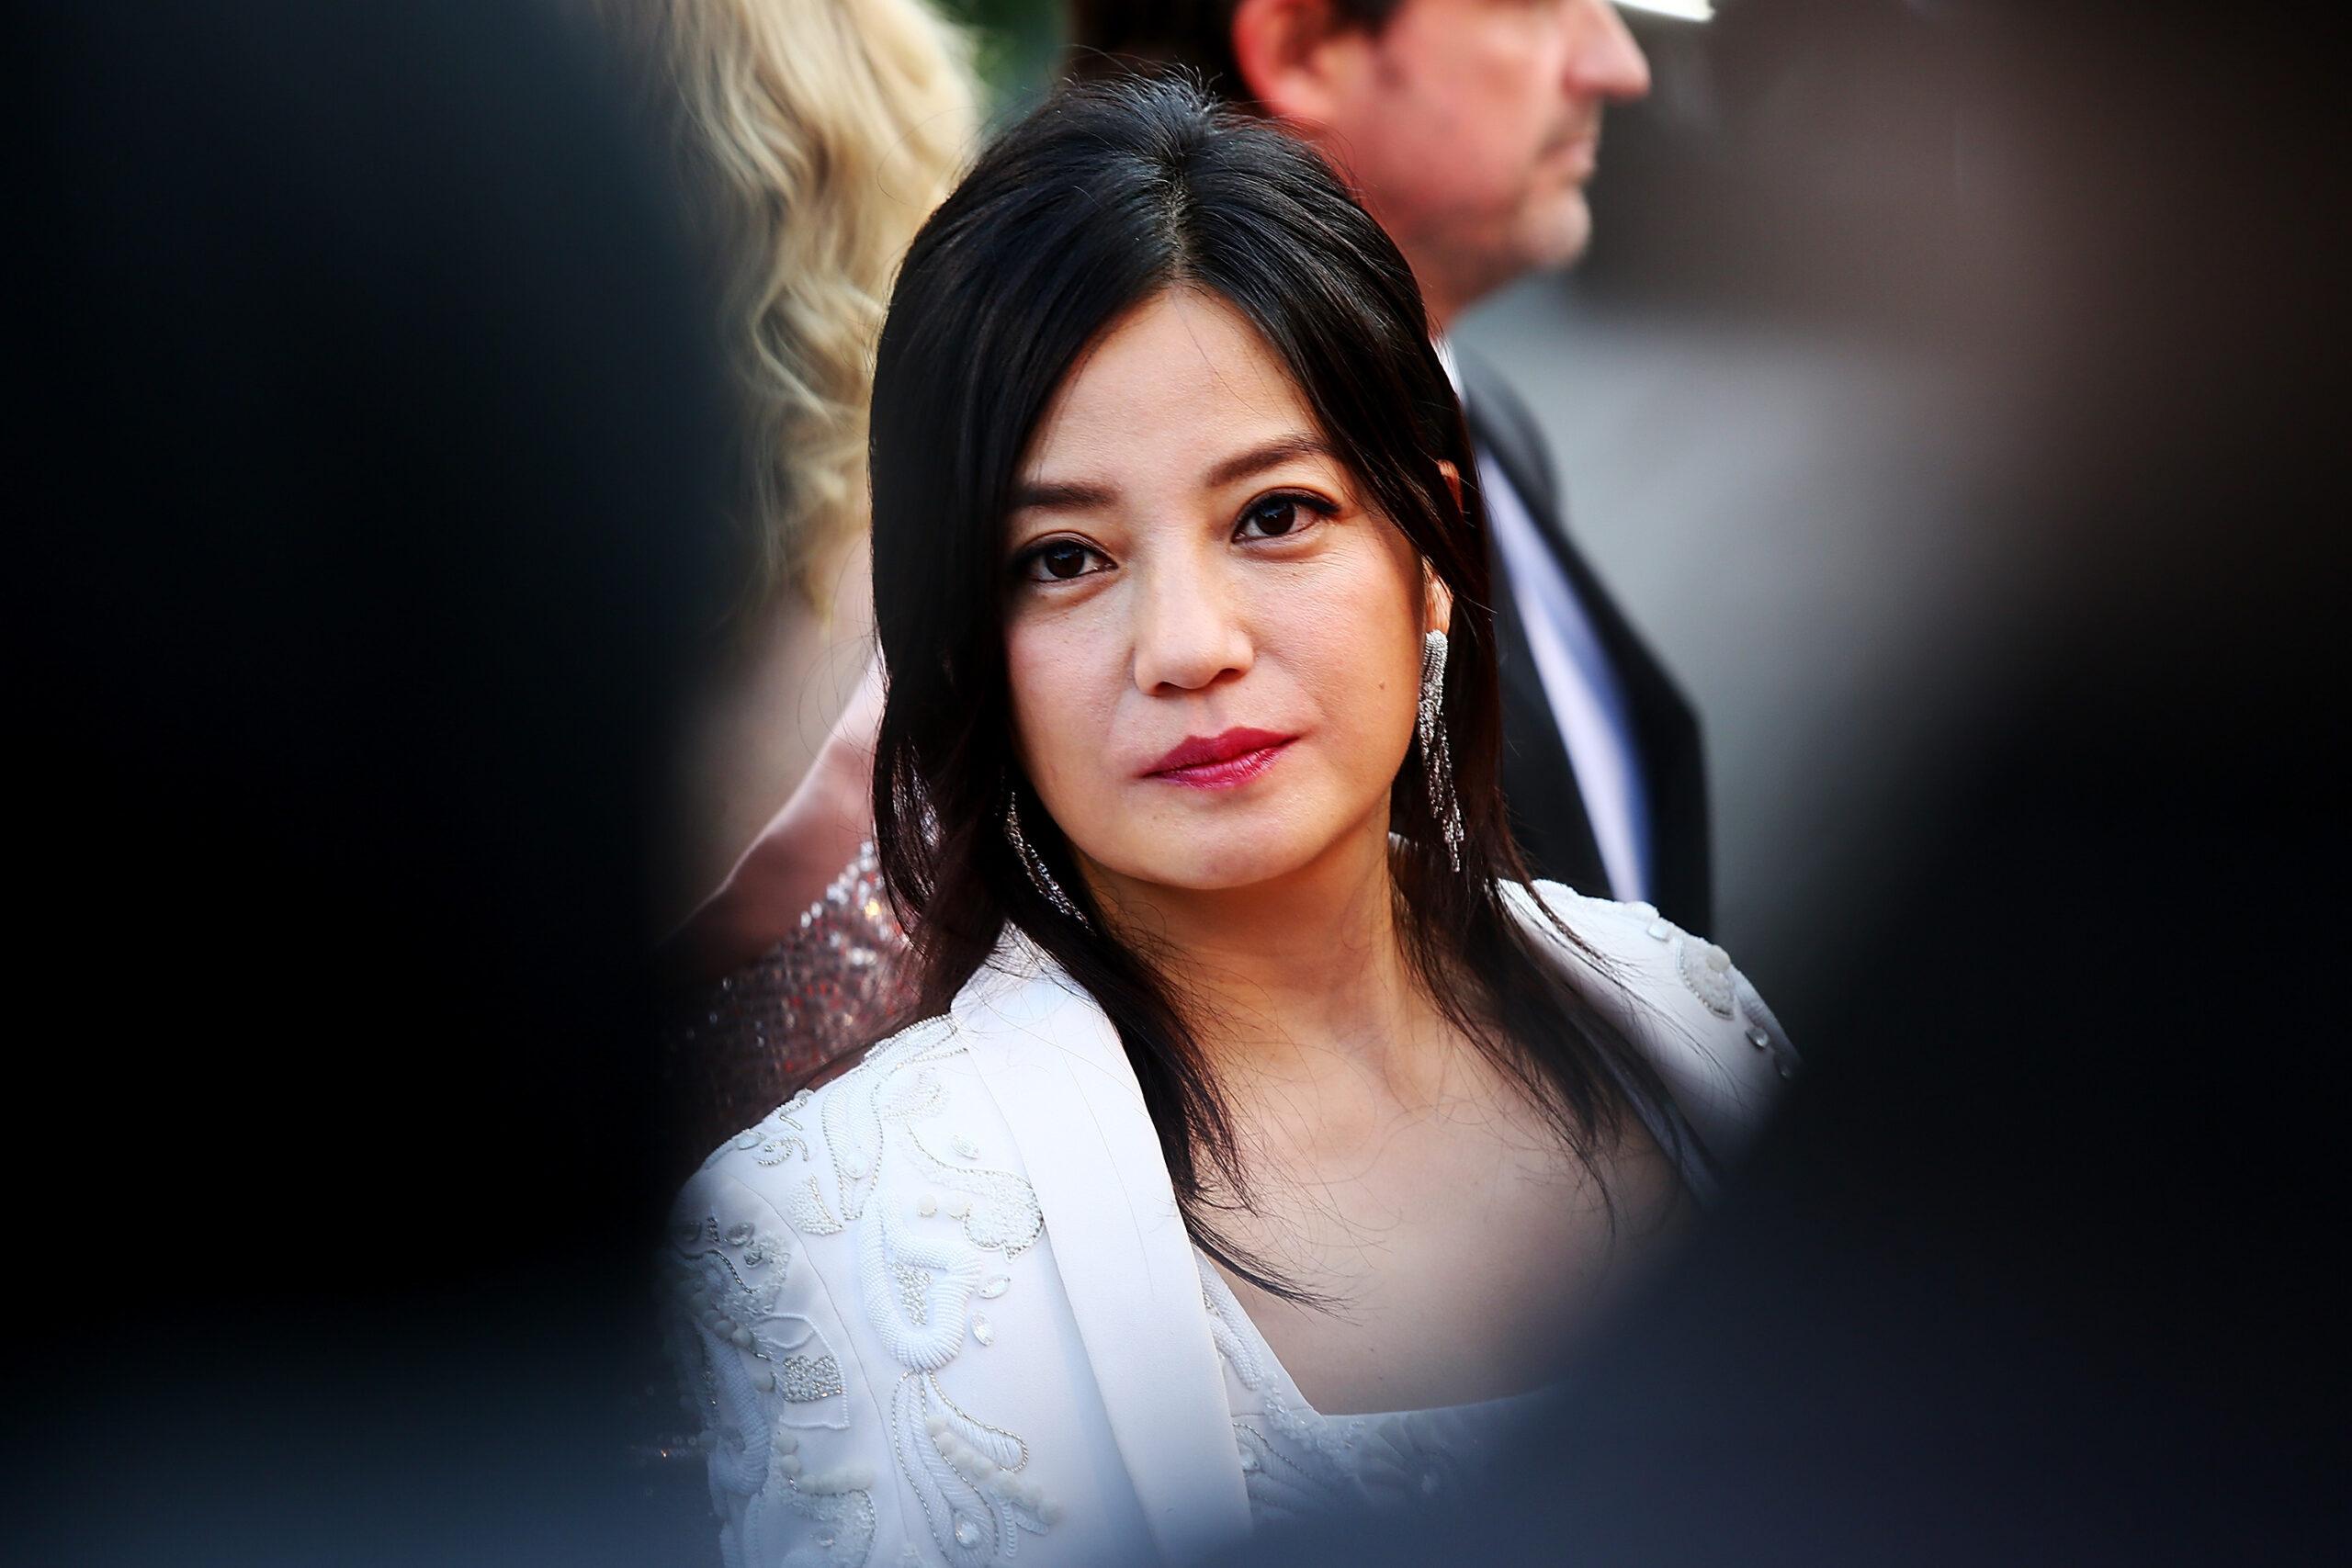 Китай «стер» одну из самых популярных актрис страны